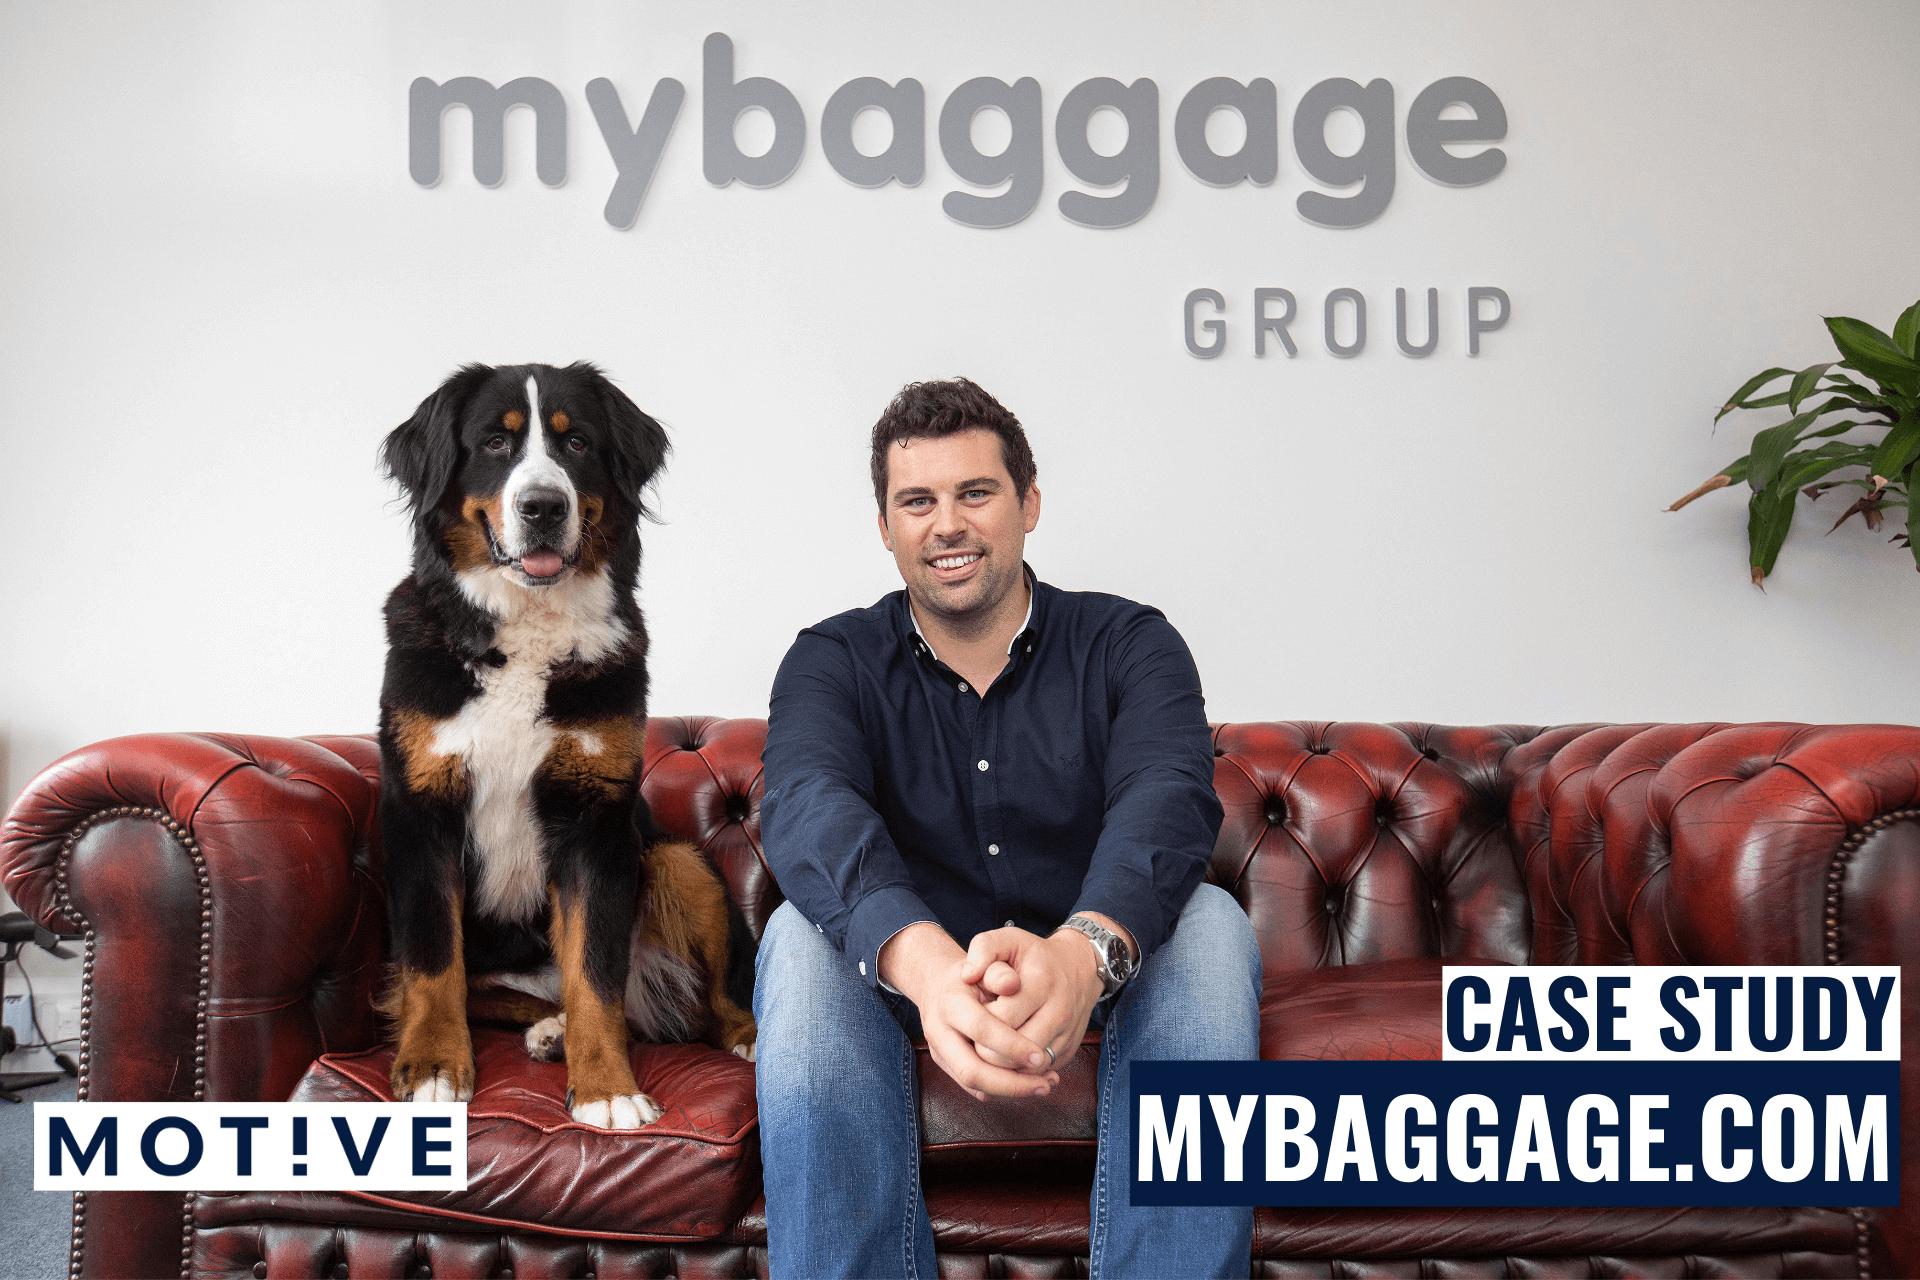 MyBaggage